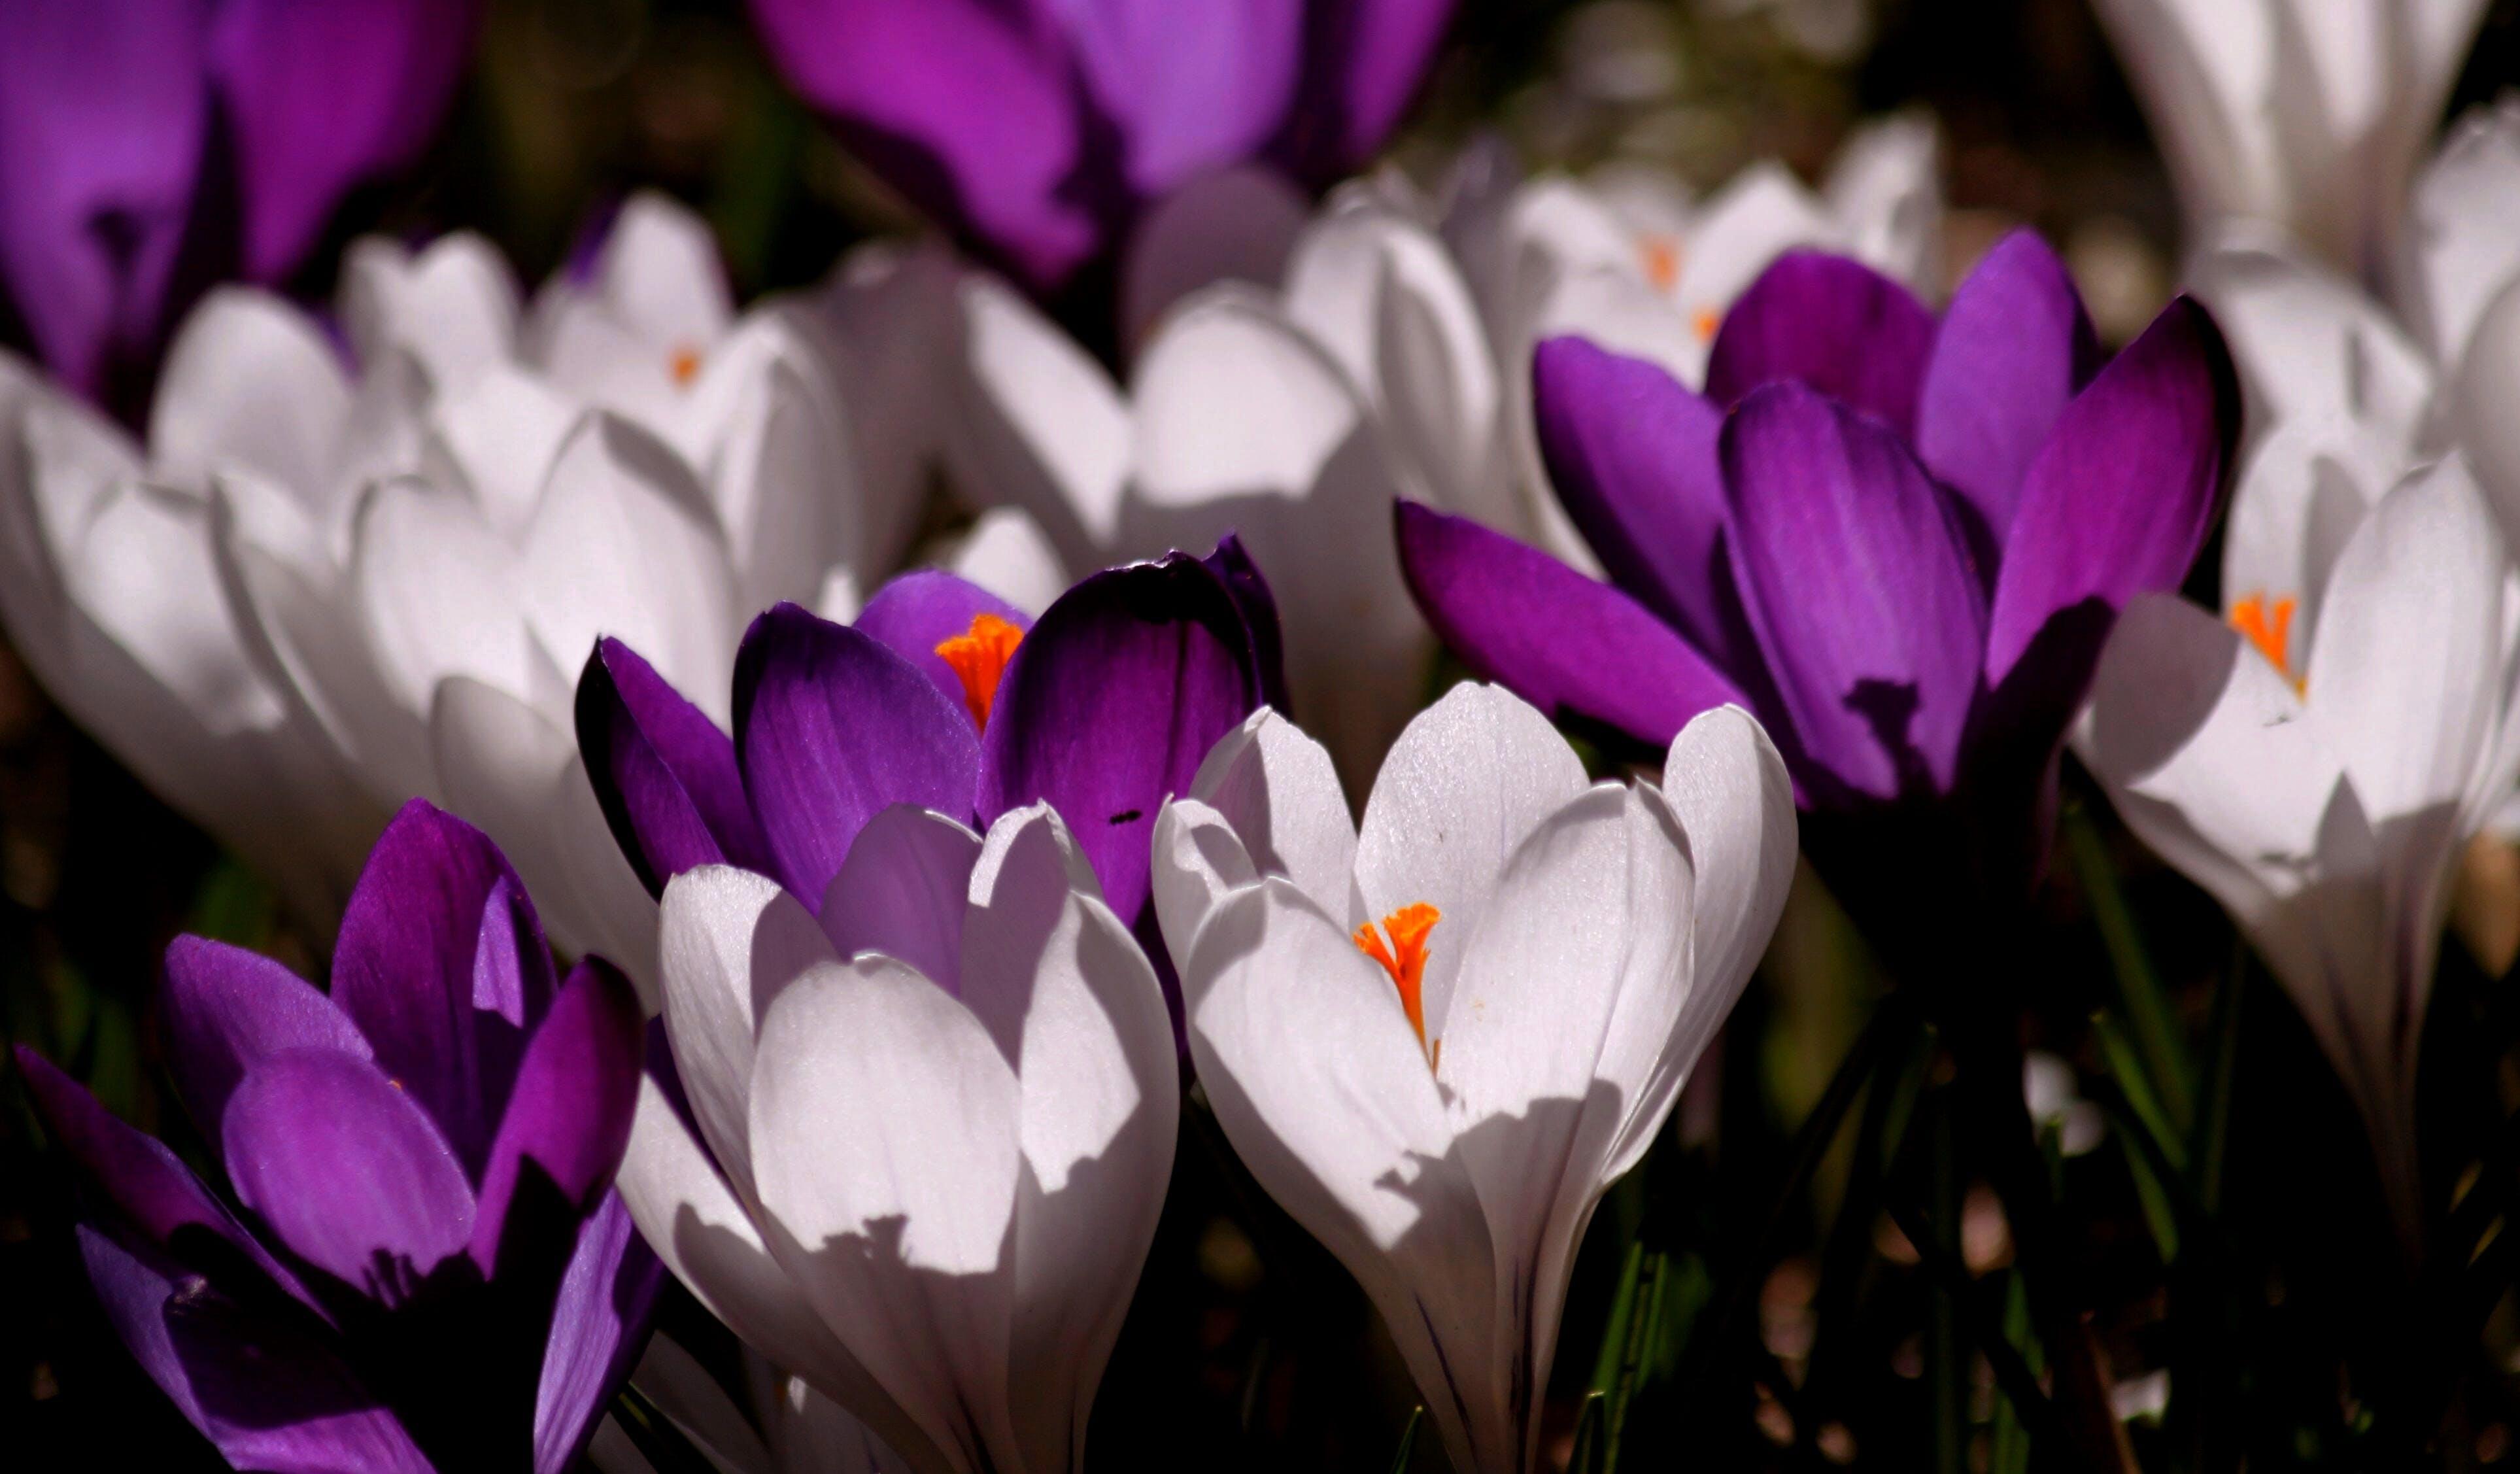 White Purple Crocus Flower during Daytime